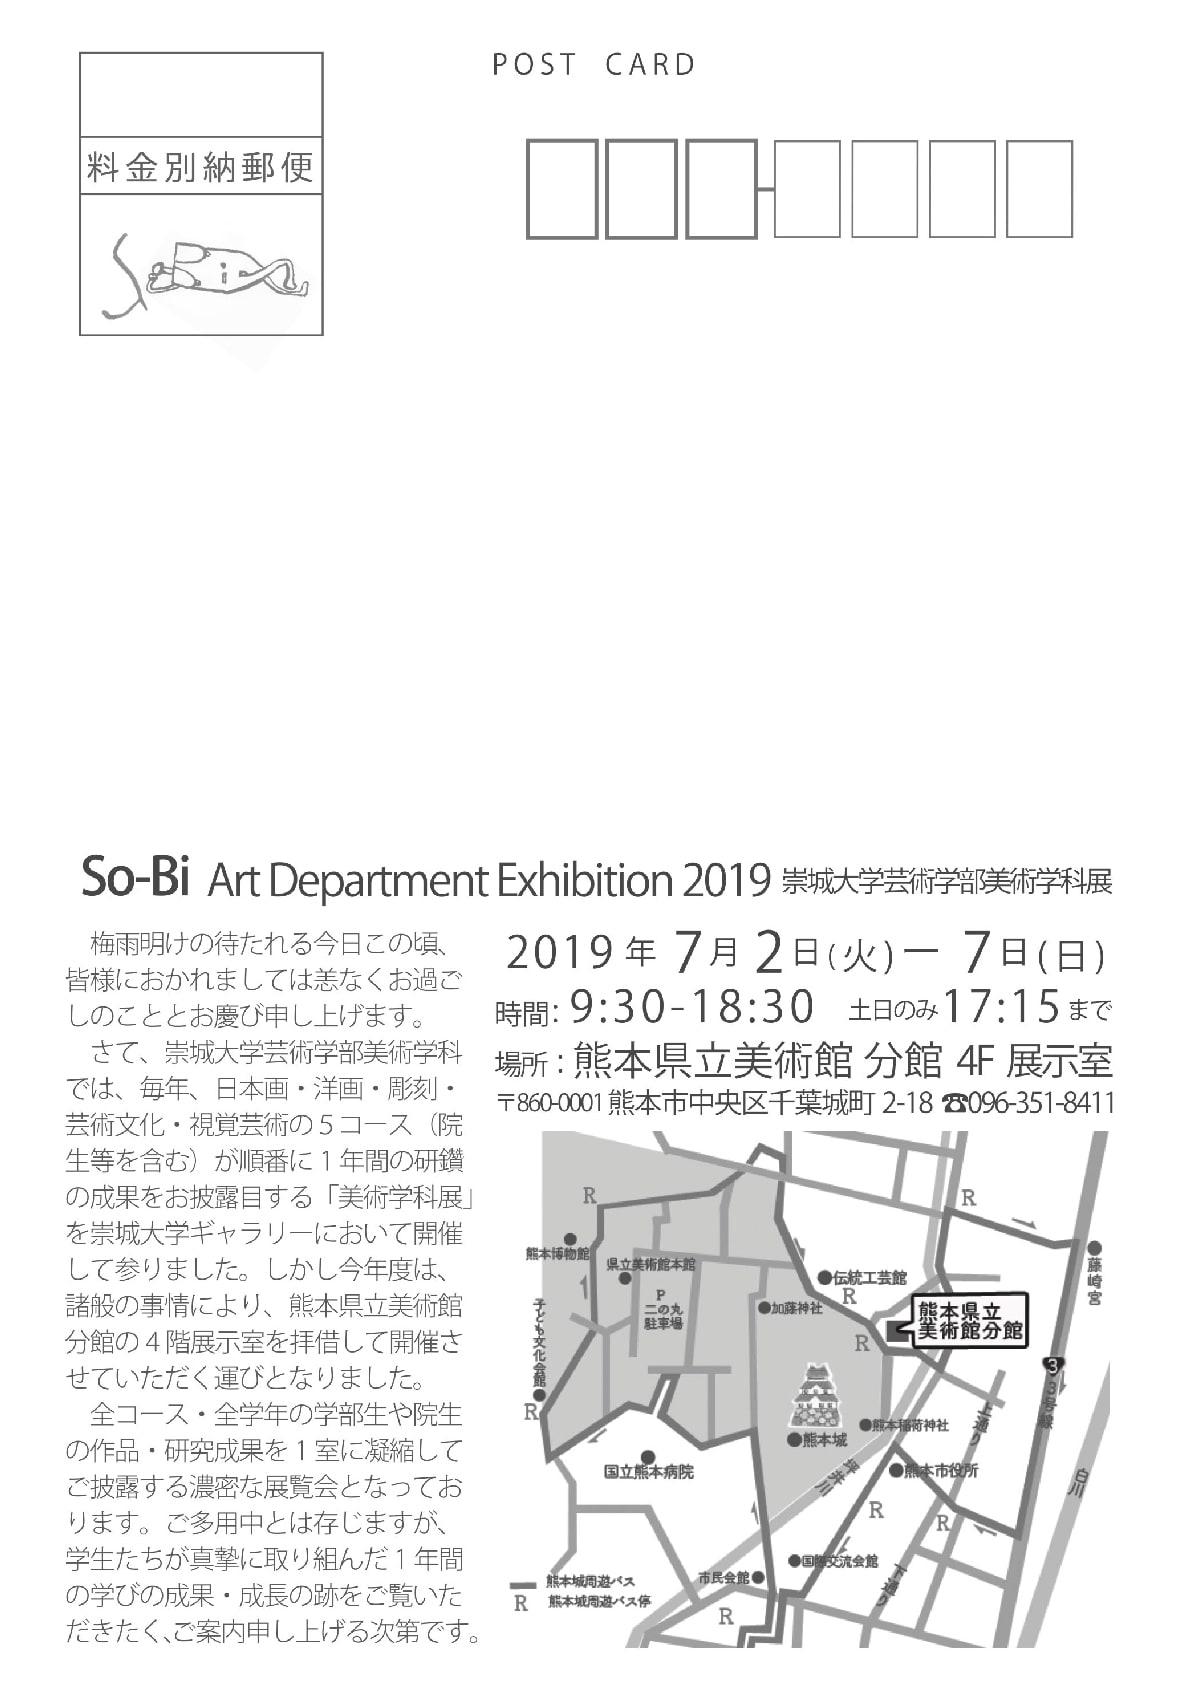 So-Bi Art Department Exhibition 2019 崇城大学芸術学部美術学科展チラシ2